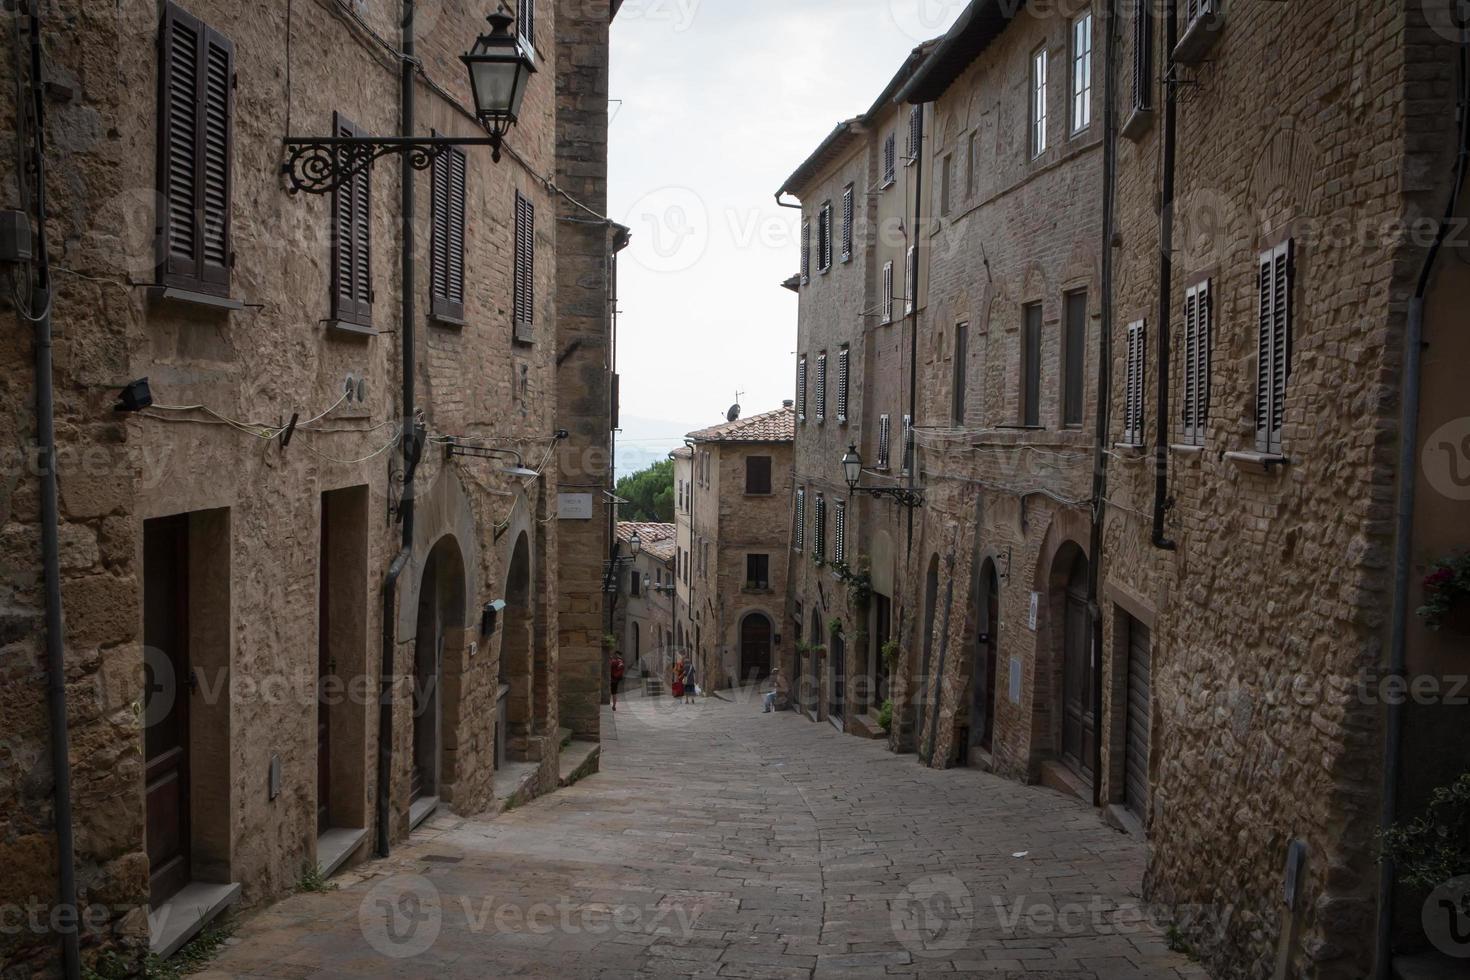 vista a la calle en la ciudad italiana foto